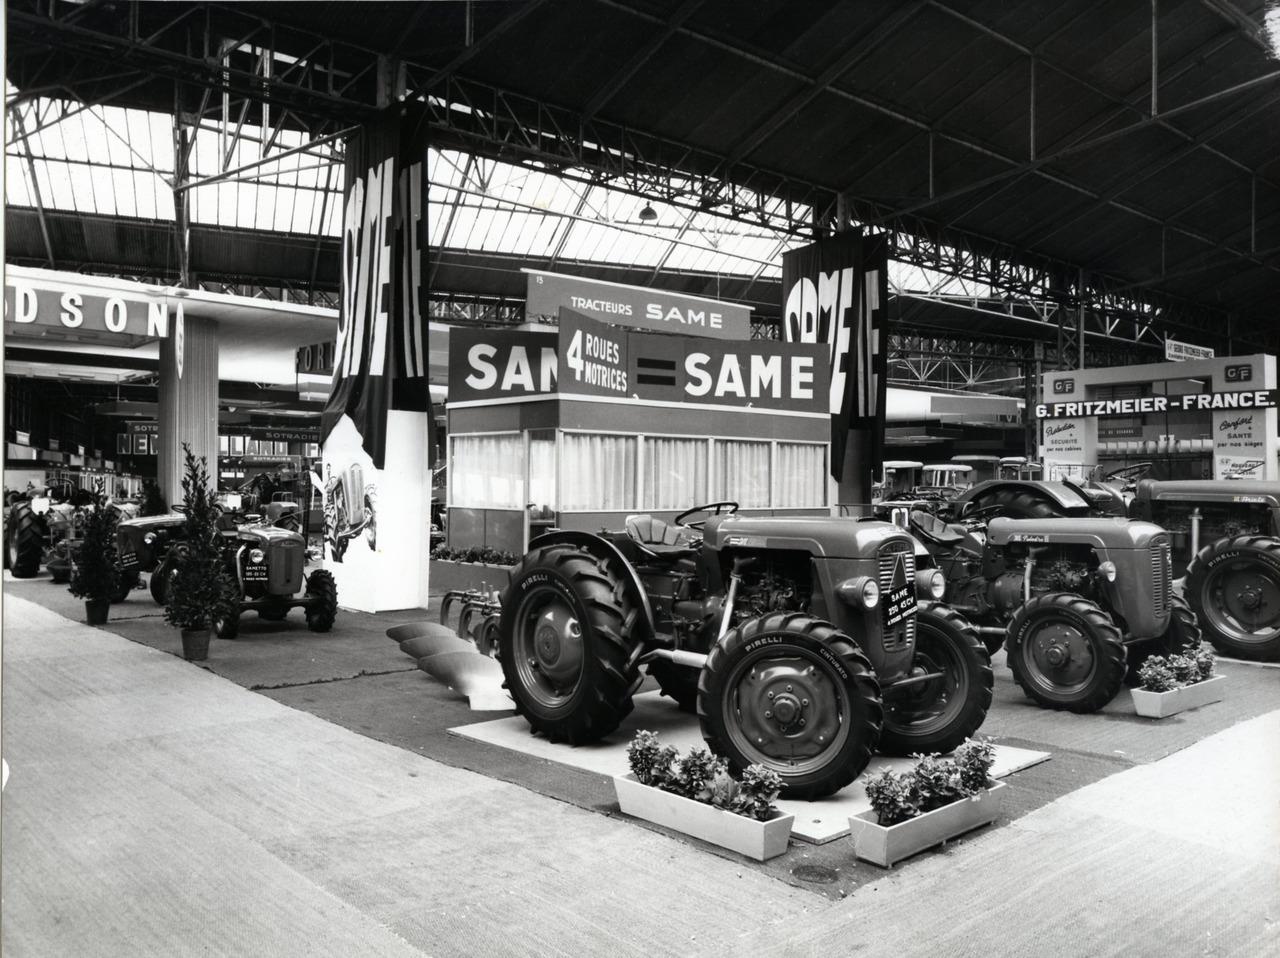 Salon de la machine agricole, Parigi 1964 - Particolare dello stand SAME